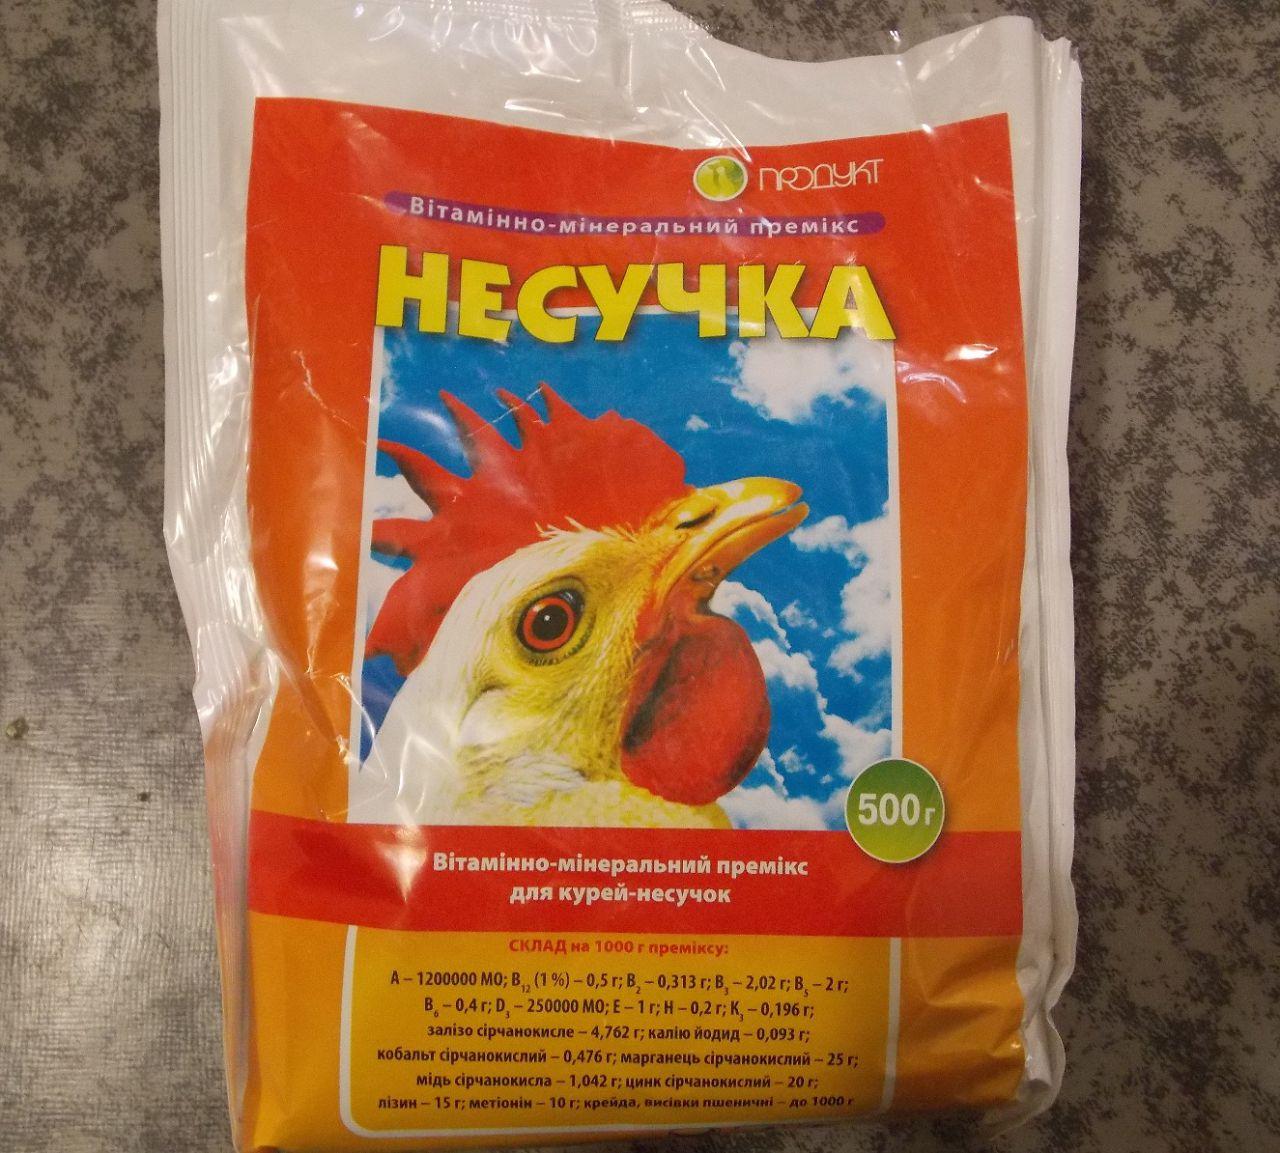 Витаминно-минеральный премикс для кур-несушек